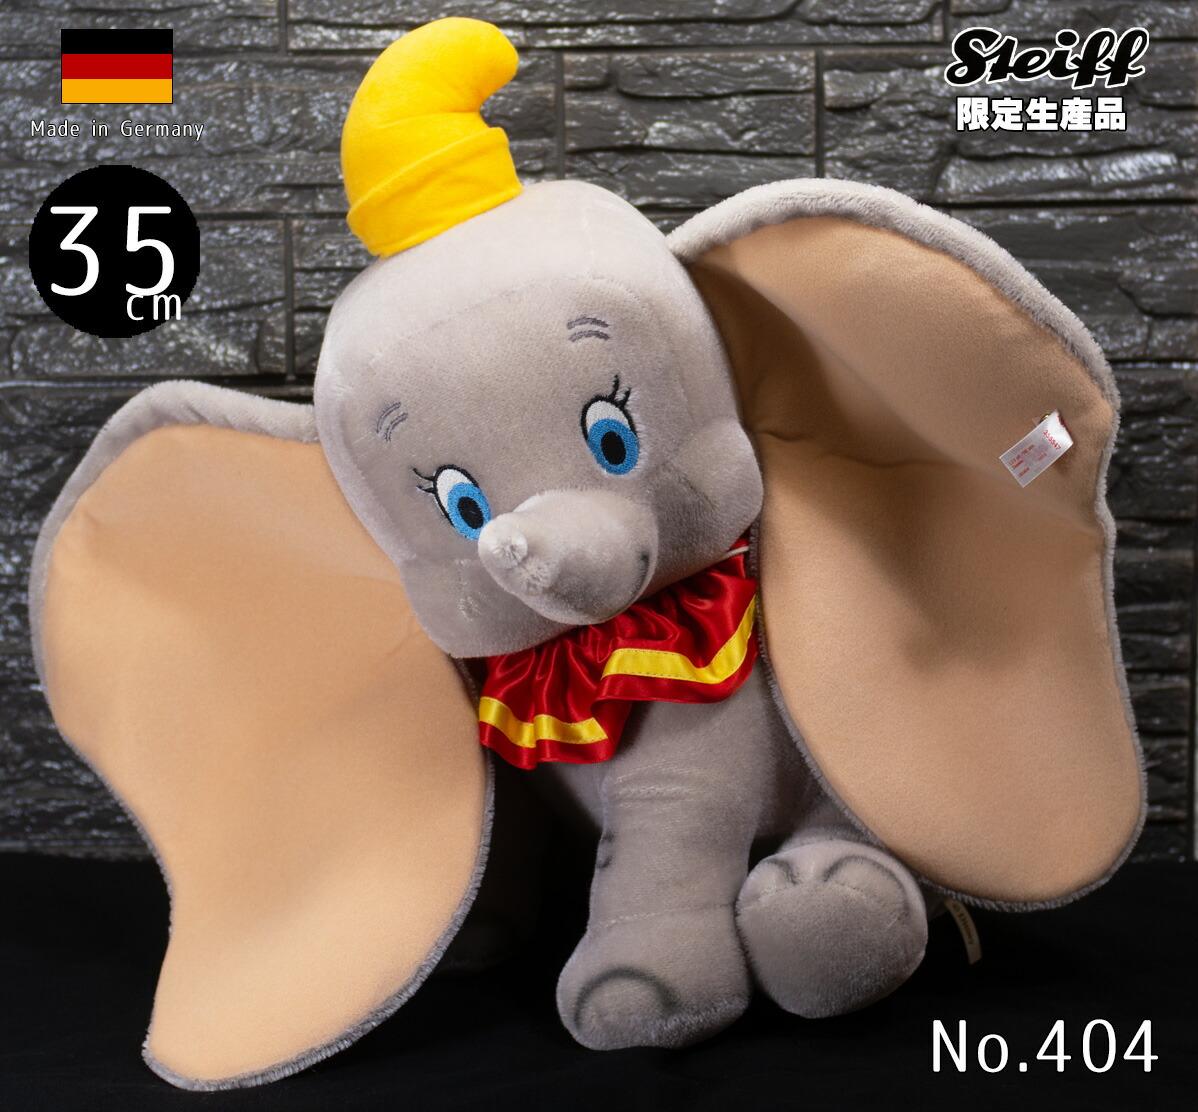 シュタイフ テディベア Steiff 世界限定 ダンボ Dumbo 35cm